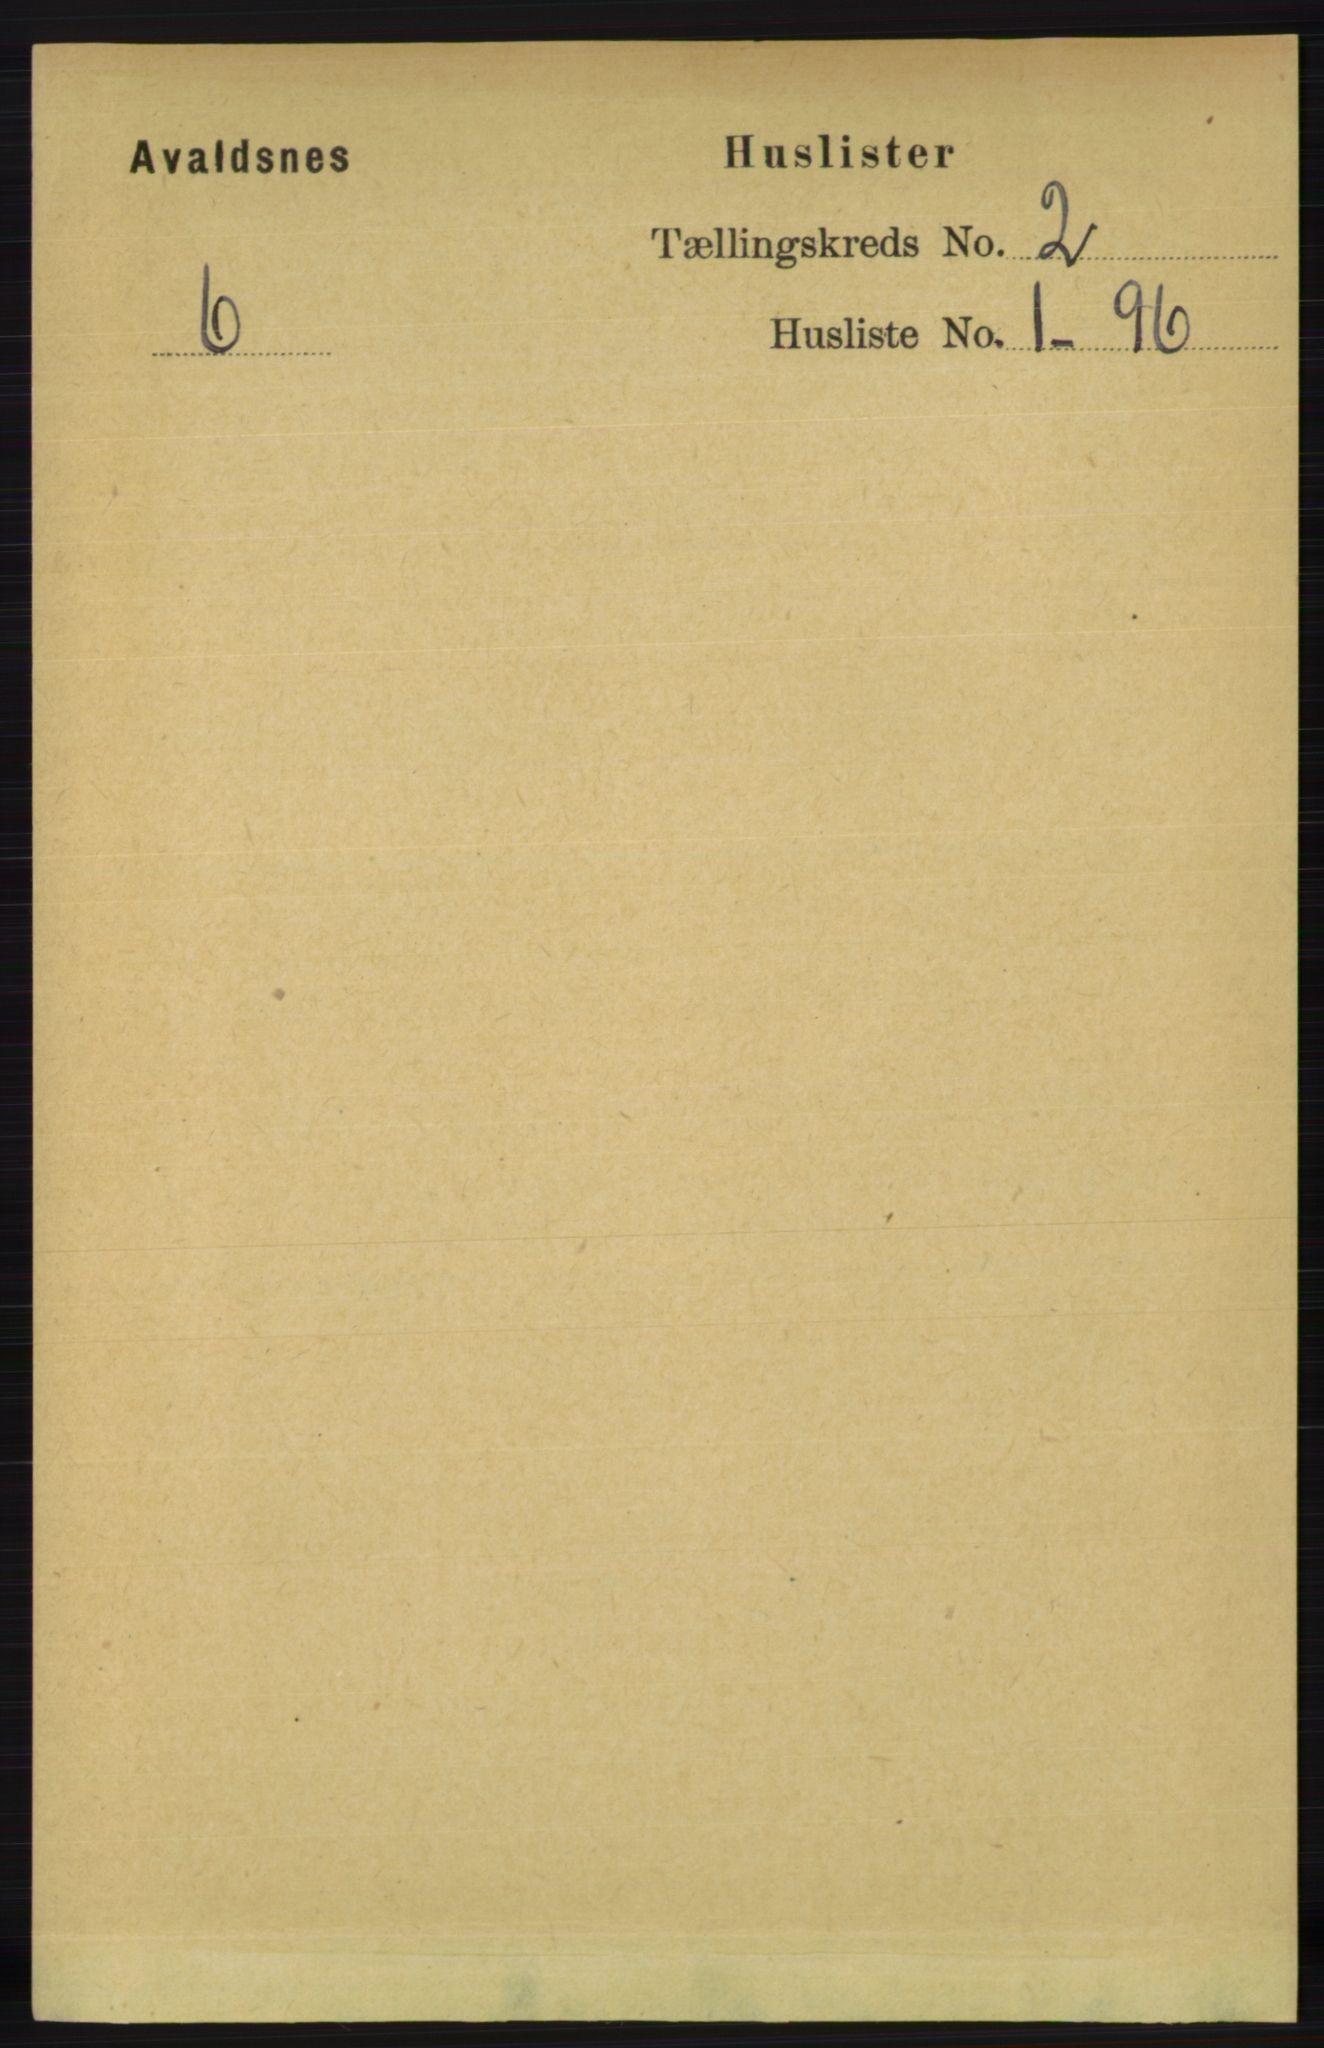 RA, Folketelling 1891 for 1147 Avaldsnes herred, 1891, s. 1889